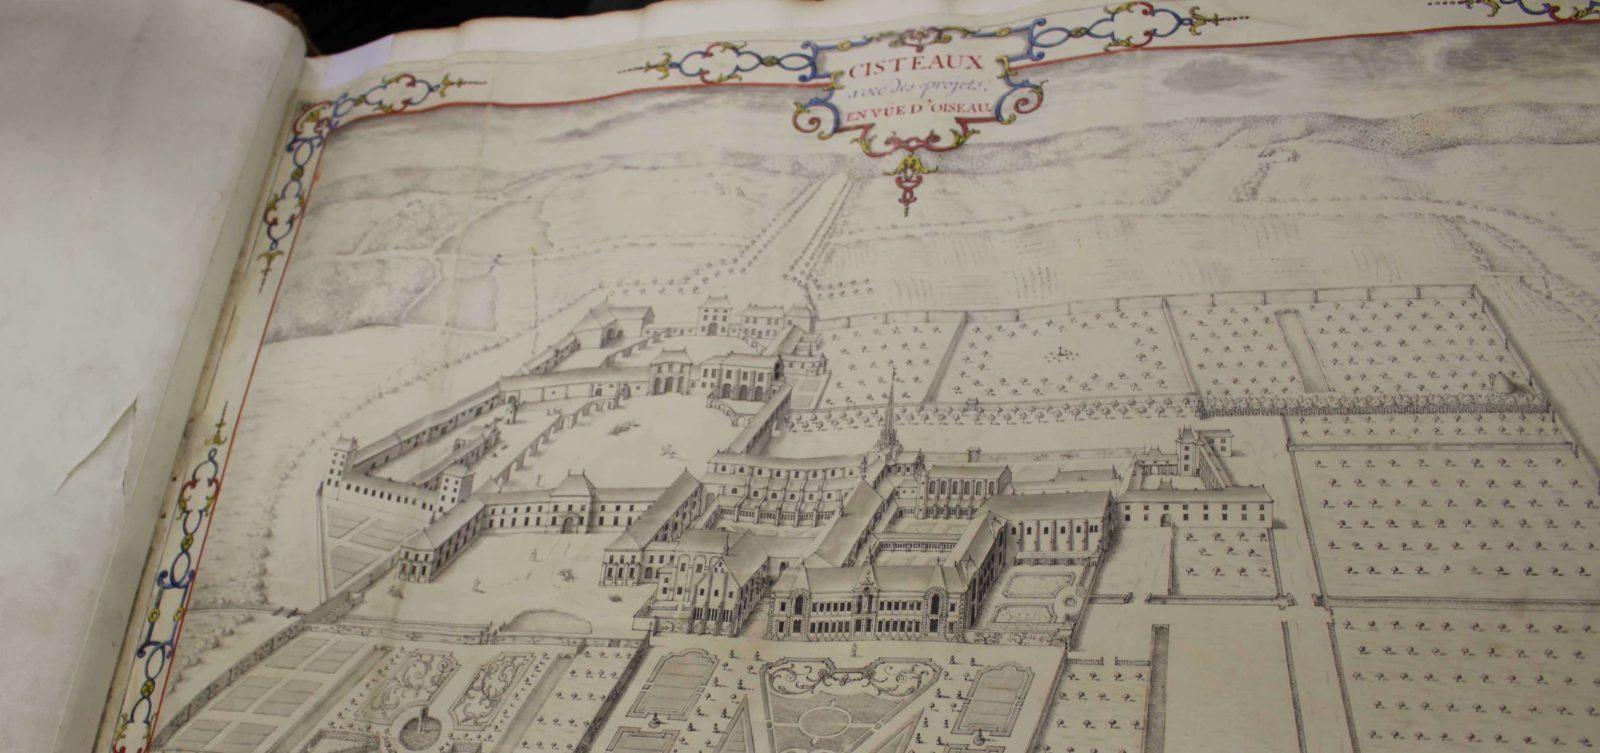 Archives départementales Côte-d'Or Atlas de Citeaux